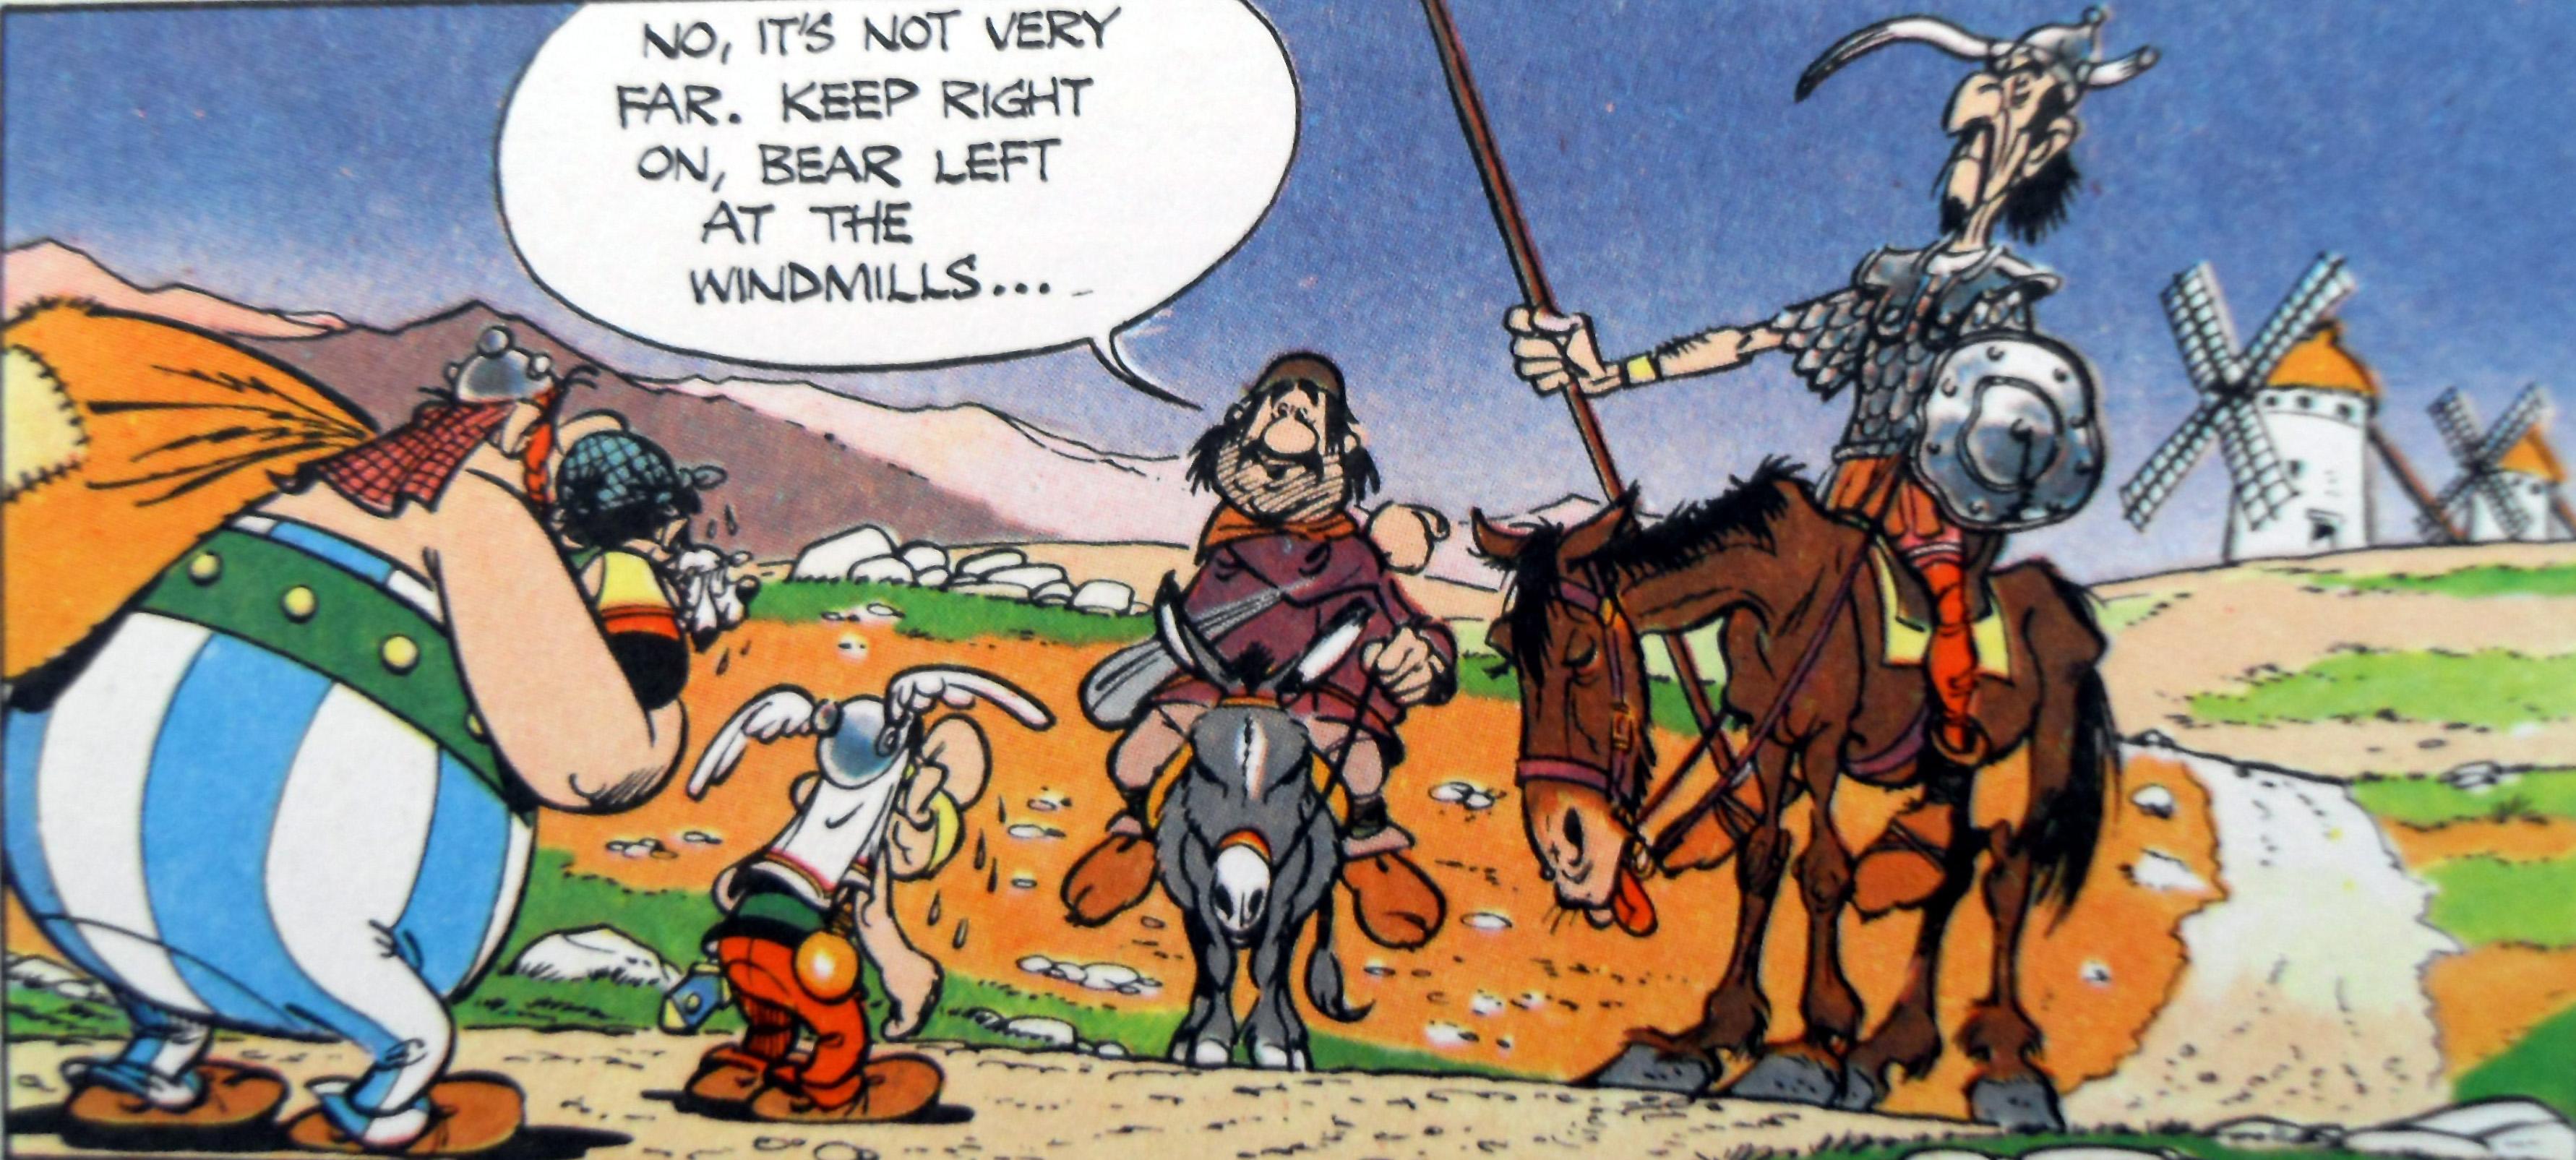 [Image: AsterixSpainInterior1.jpg]